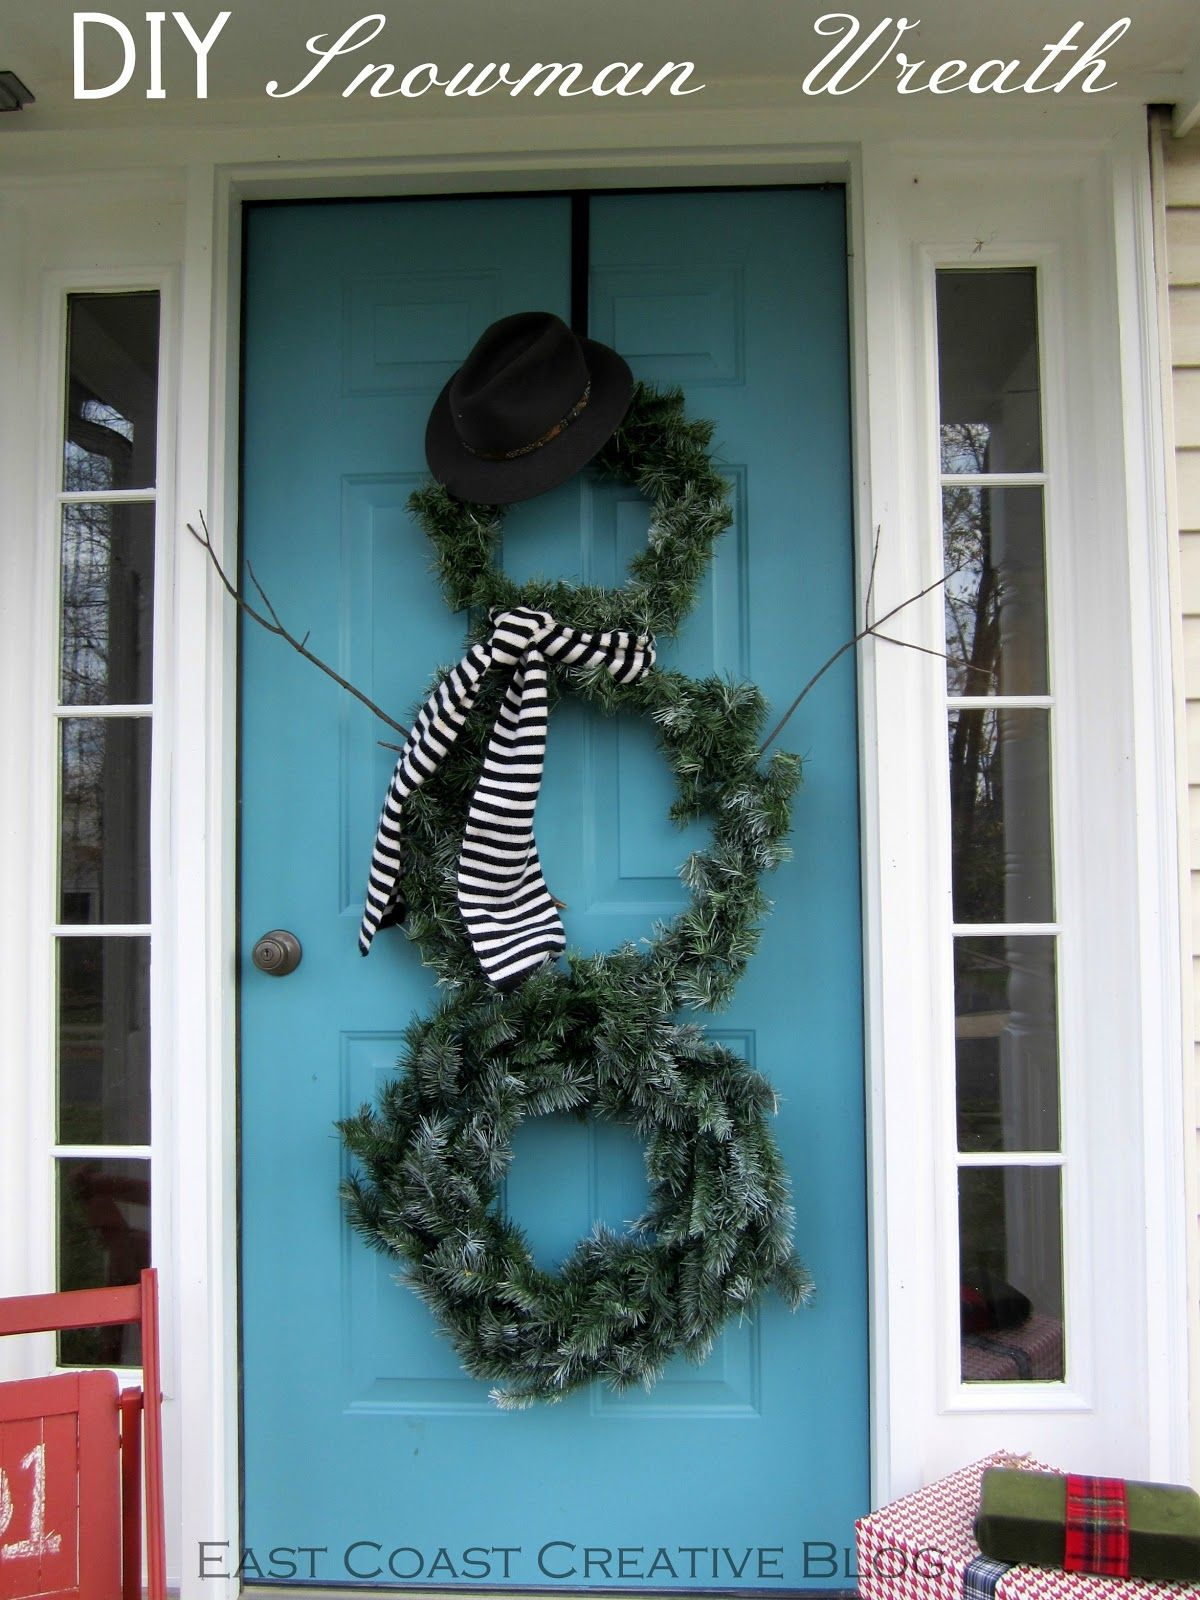 Diy winter wreaths for front door - East Coast Creative Seasonal Front Door Decor Diy Snowman Wreath